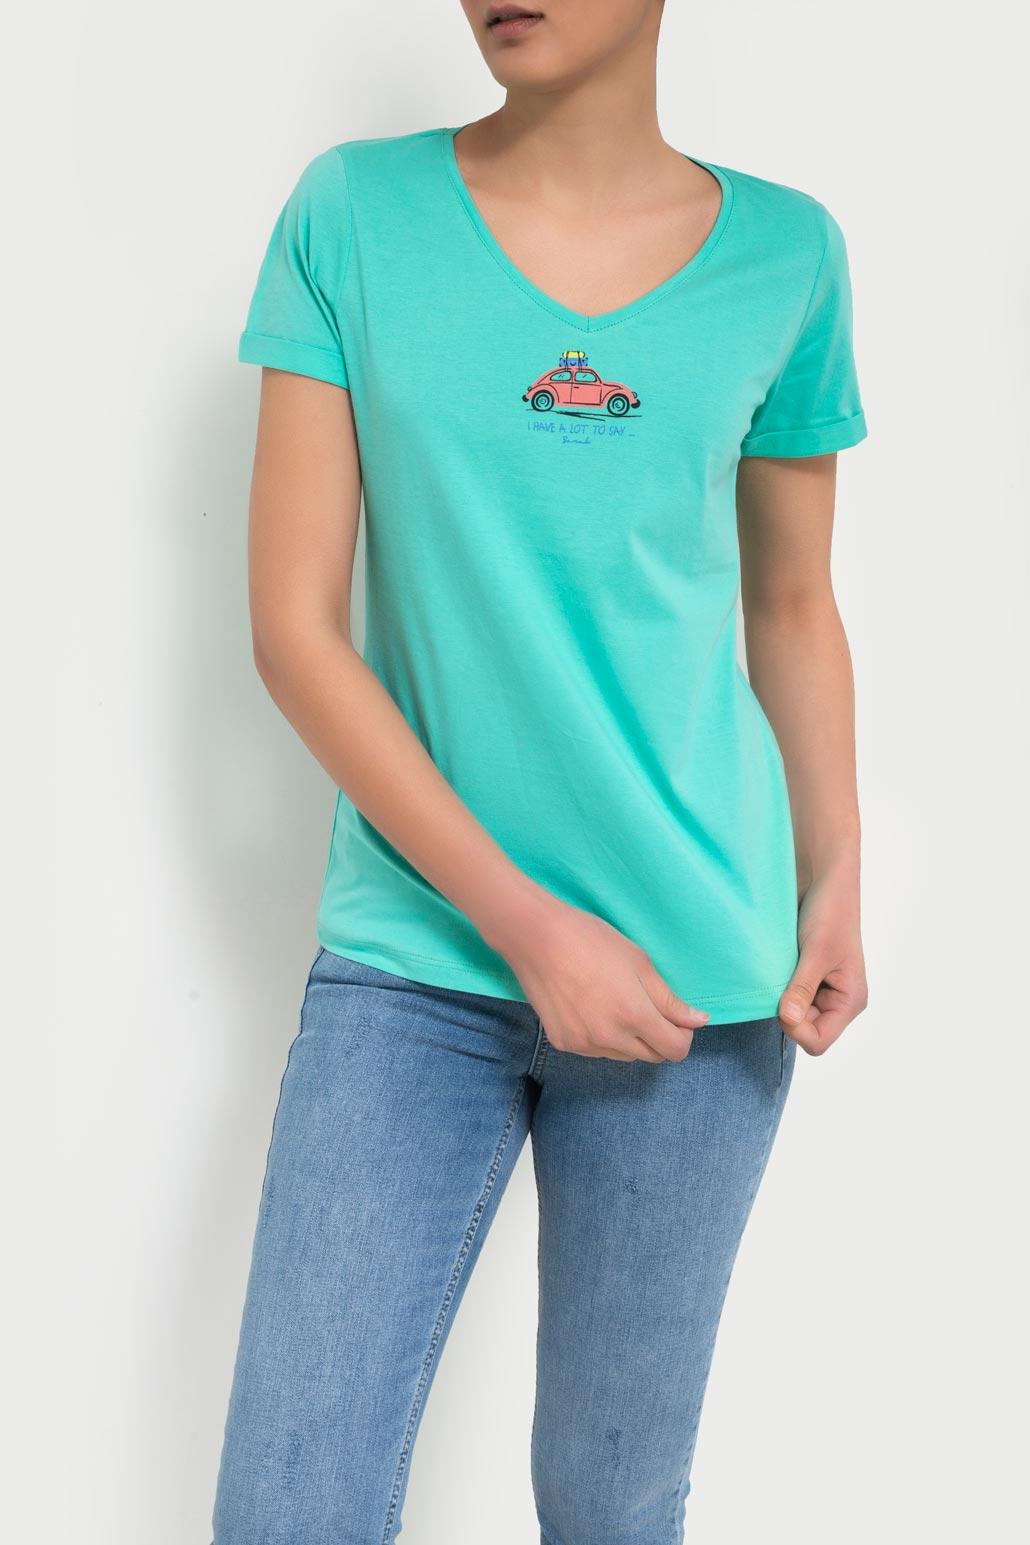 تی شرت یقه هفت چاپ فولکس